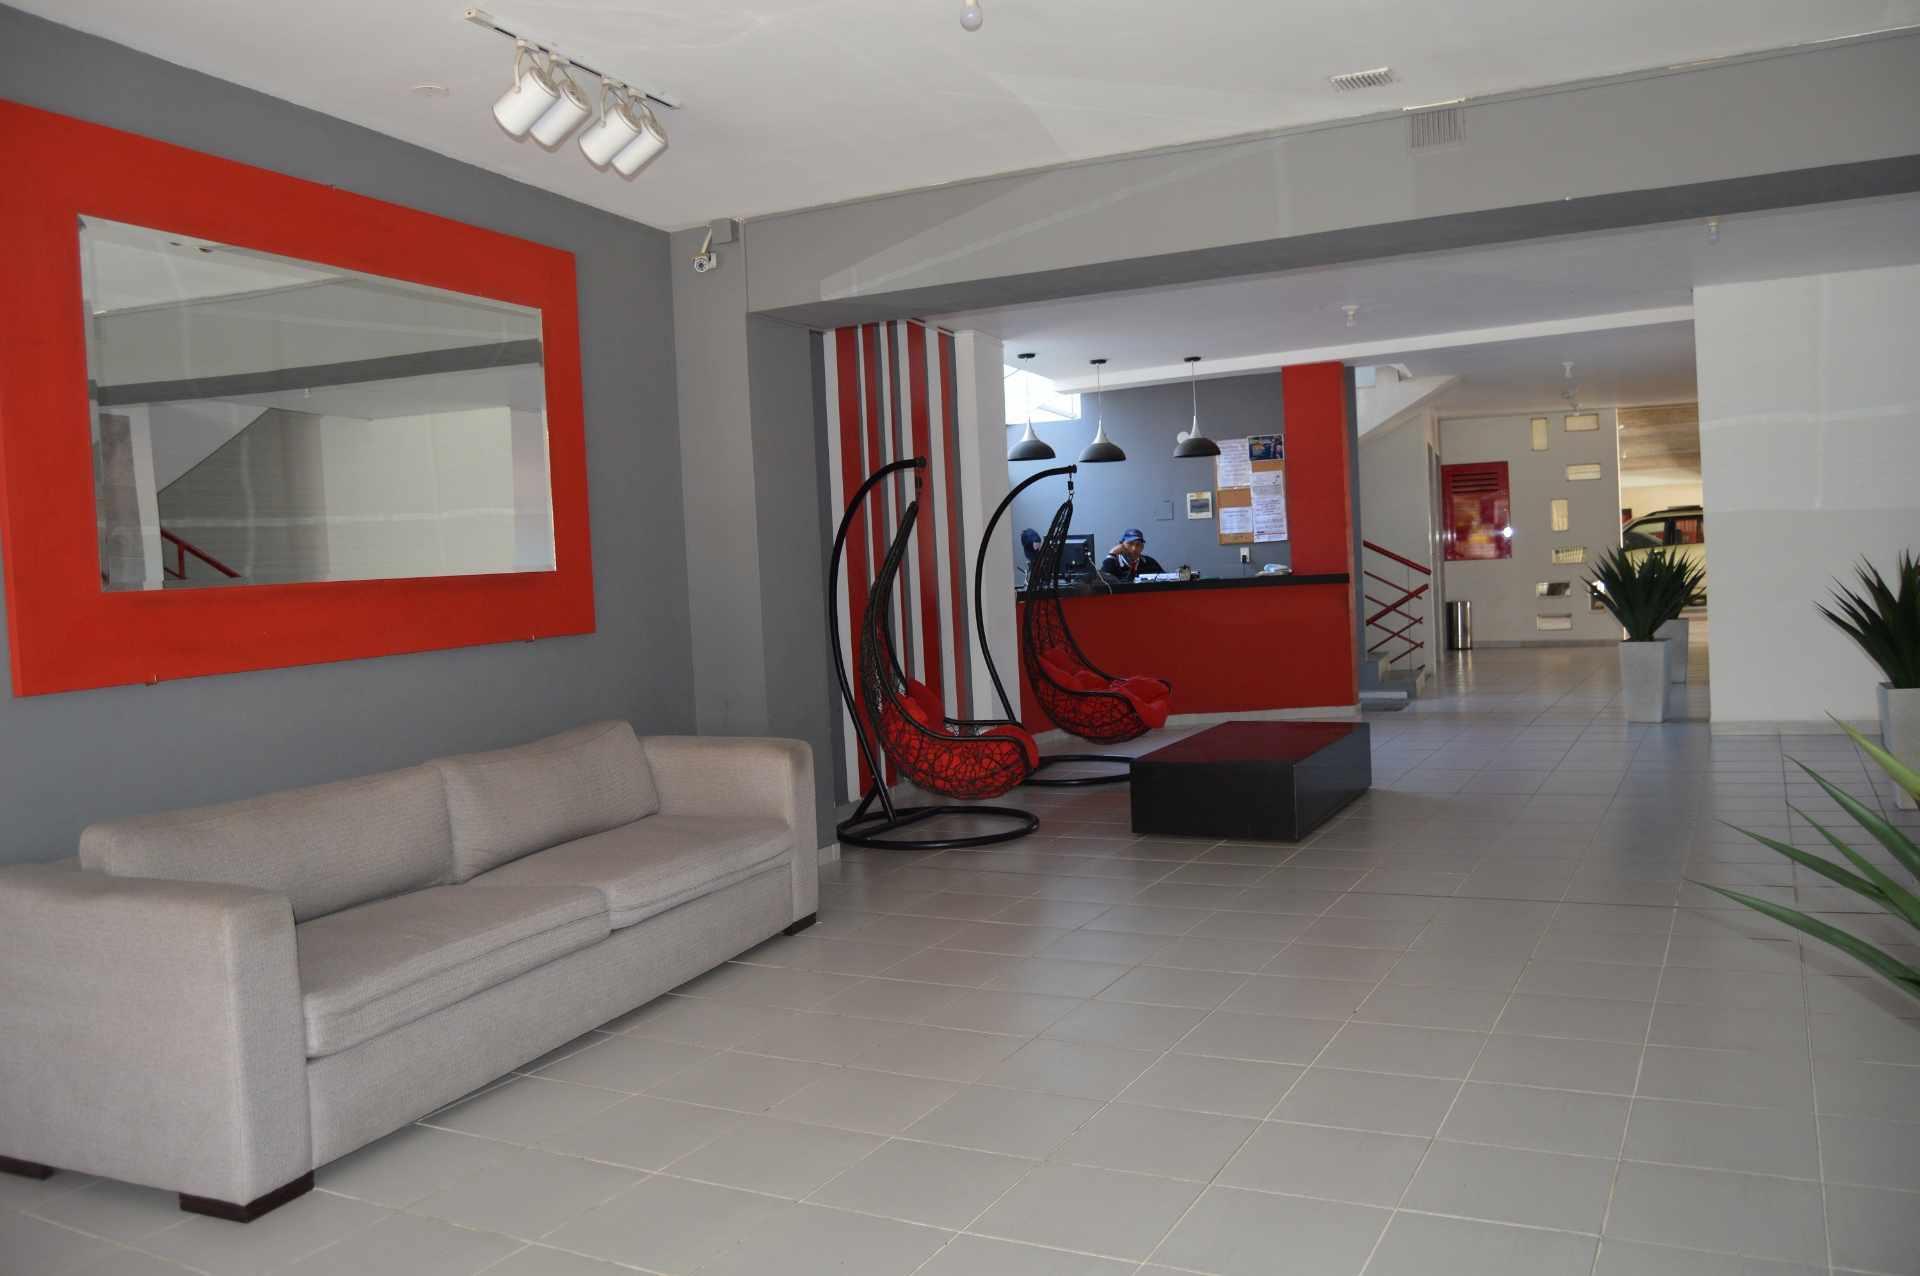 Departamento en Alquiler Calle Velasco, entre La Rivas y Lemoine, EDIFICIO TRES CARAVELAS, piso 8, Dpto I.  Foto 1